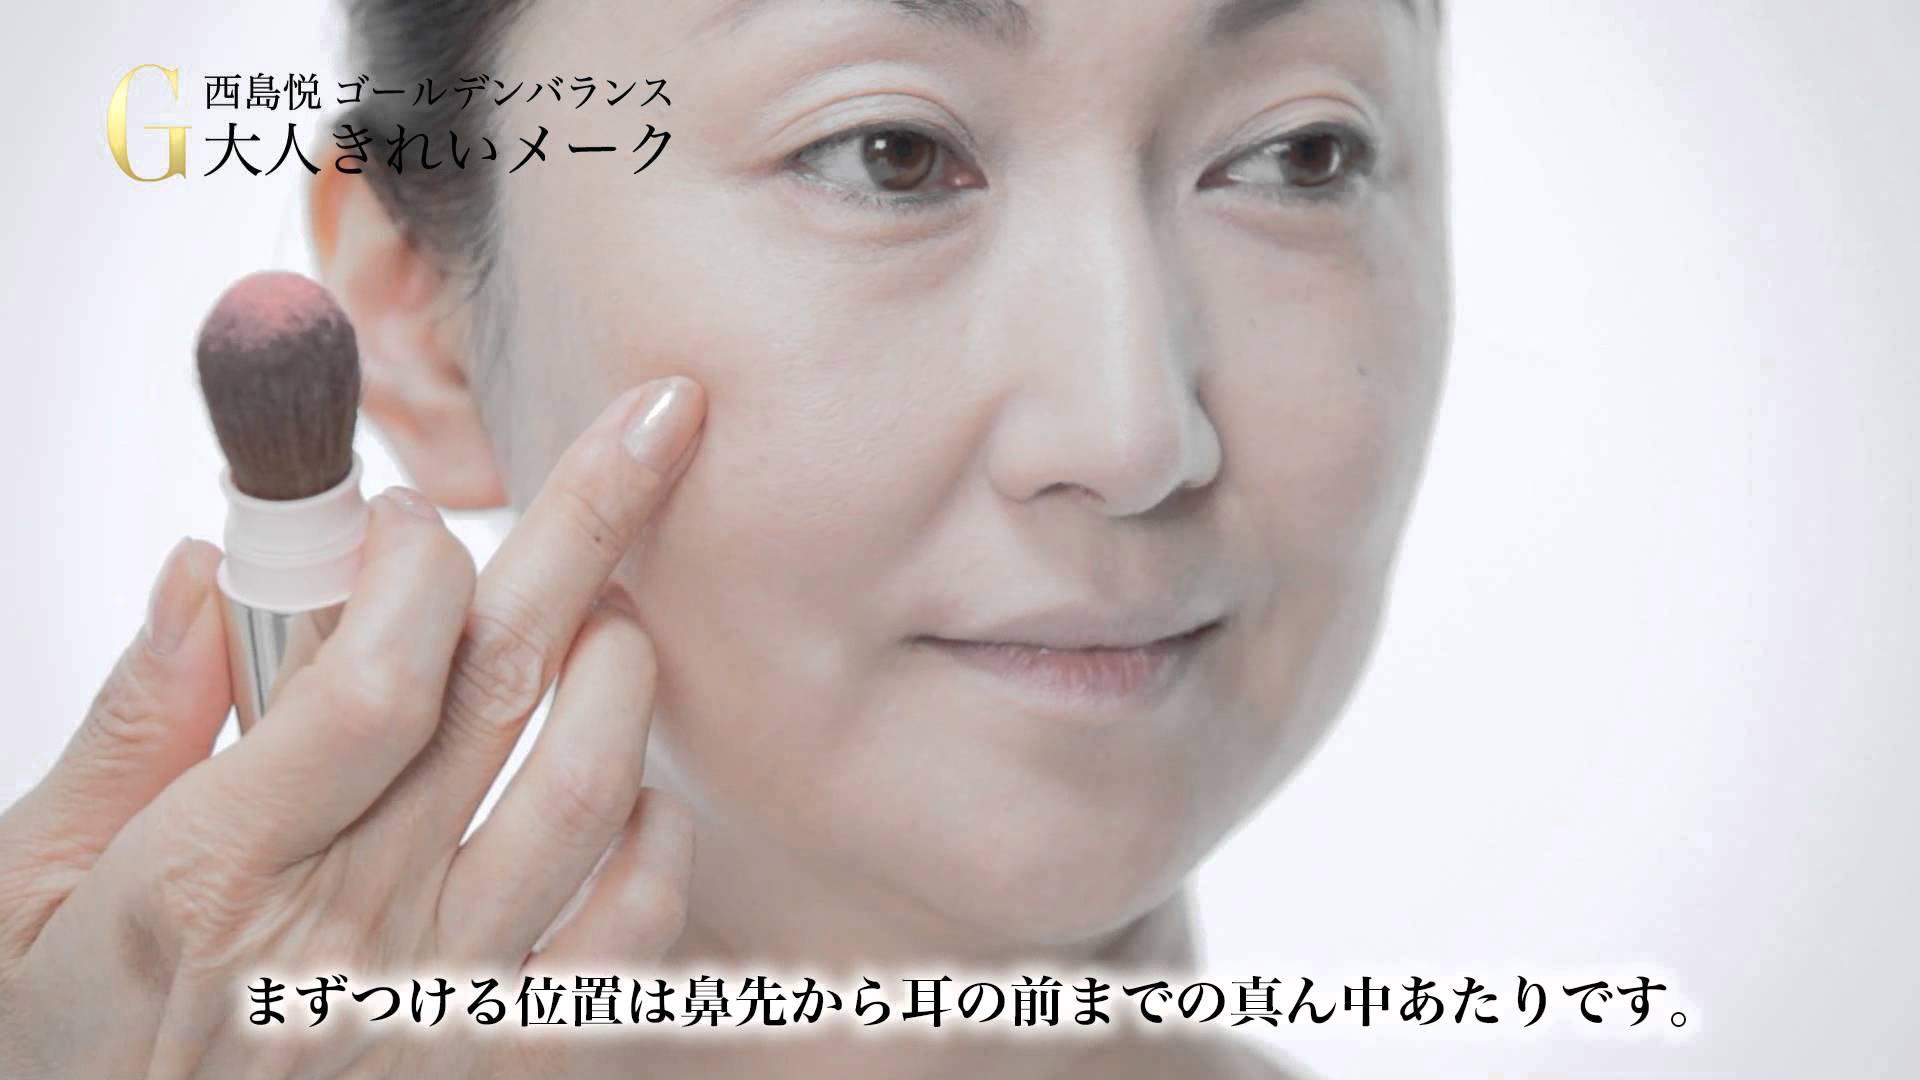 japonaise maikosan la ppite japonaise quelle affiche prfrezvous du coup luaffiche officielle. Black Bedroom Furniture Sets. Home Design Ideas